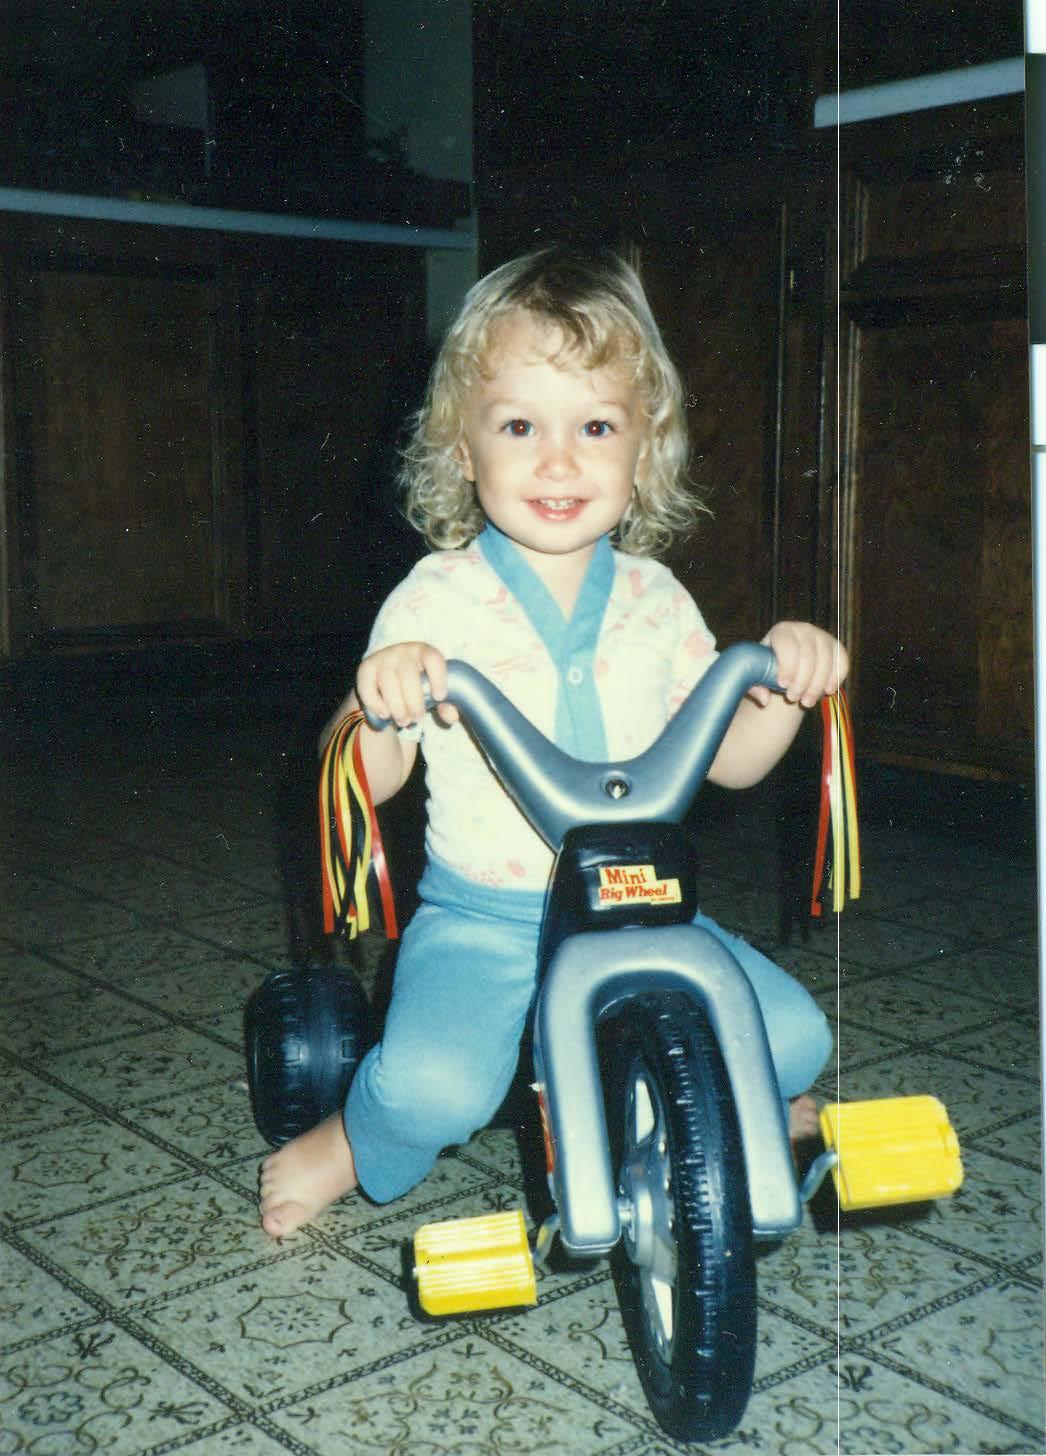 Logan - big wheel driver